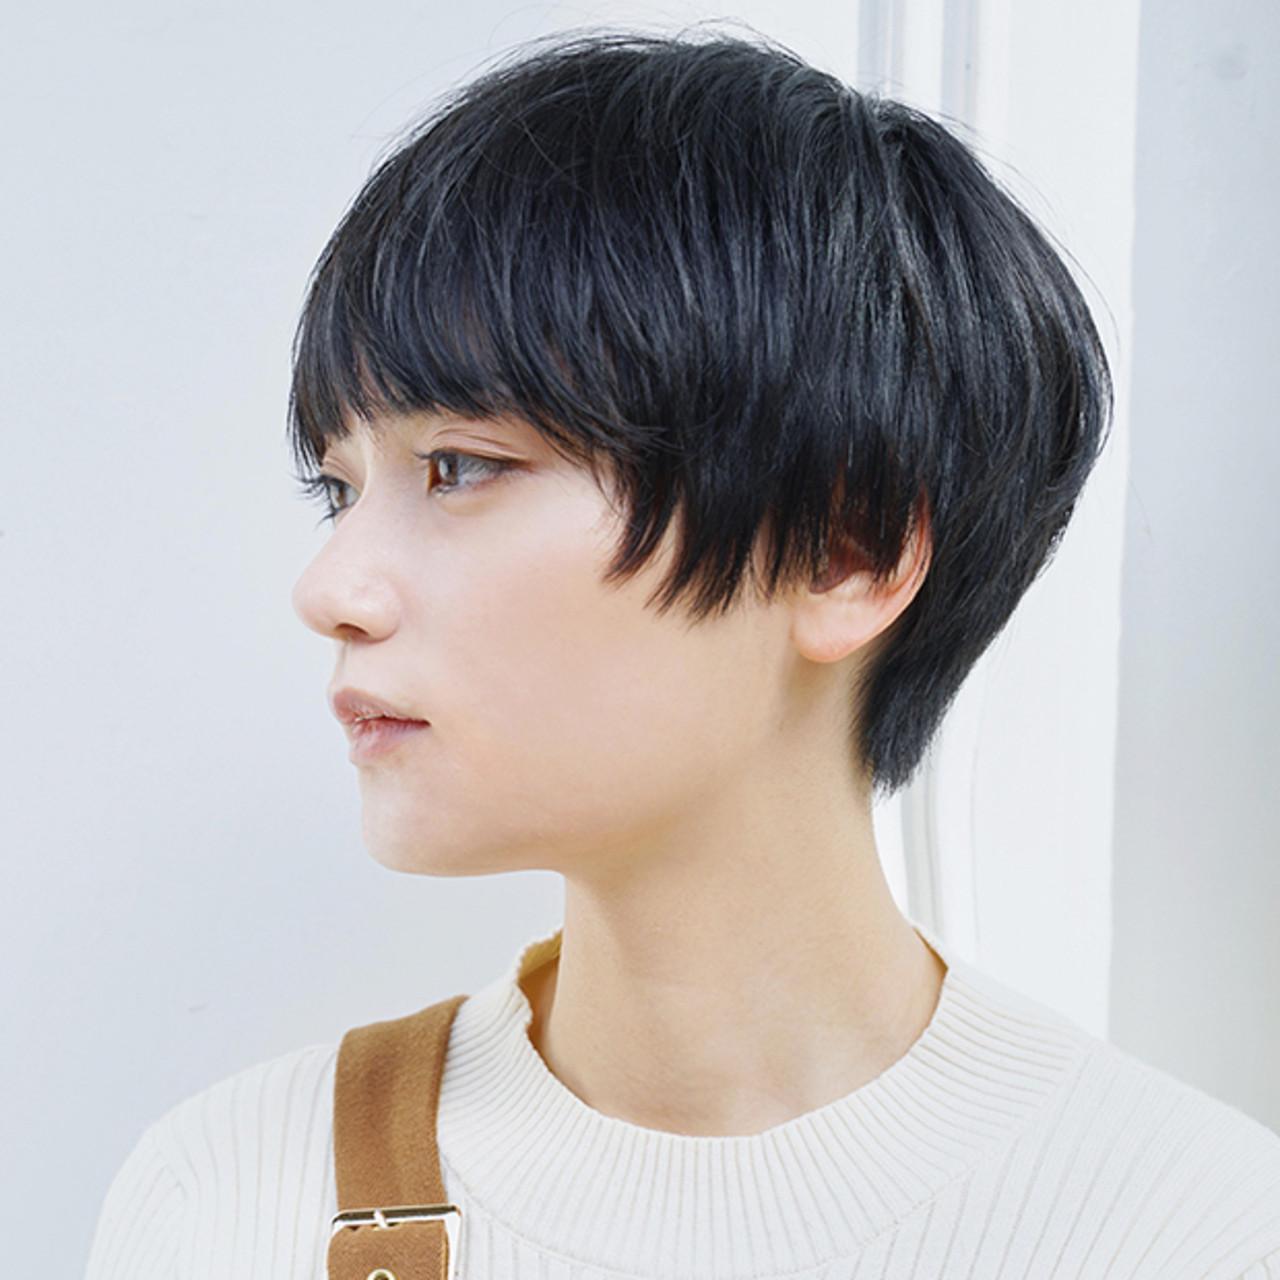 ナチュラル ショートヘア ショートボブ ハンサムショート ヘアスタイルや髪型の写真・画像